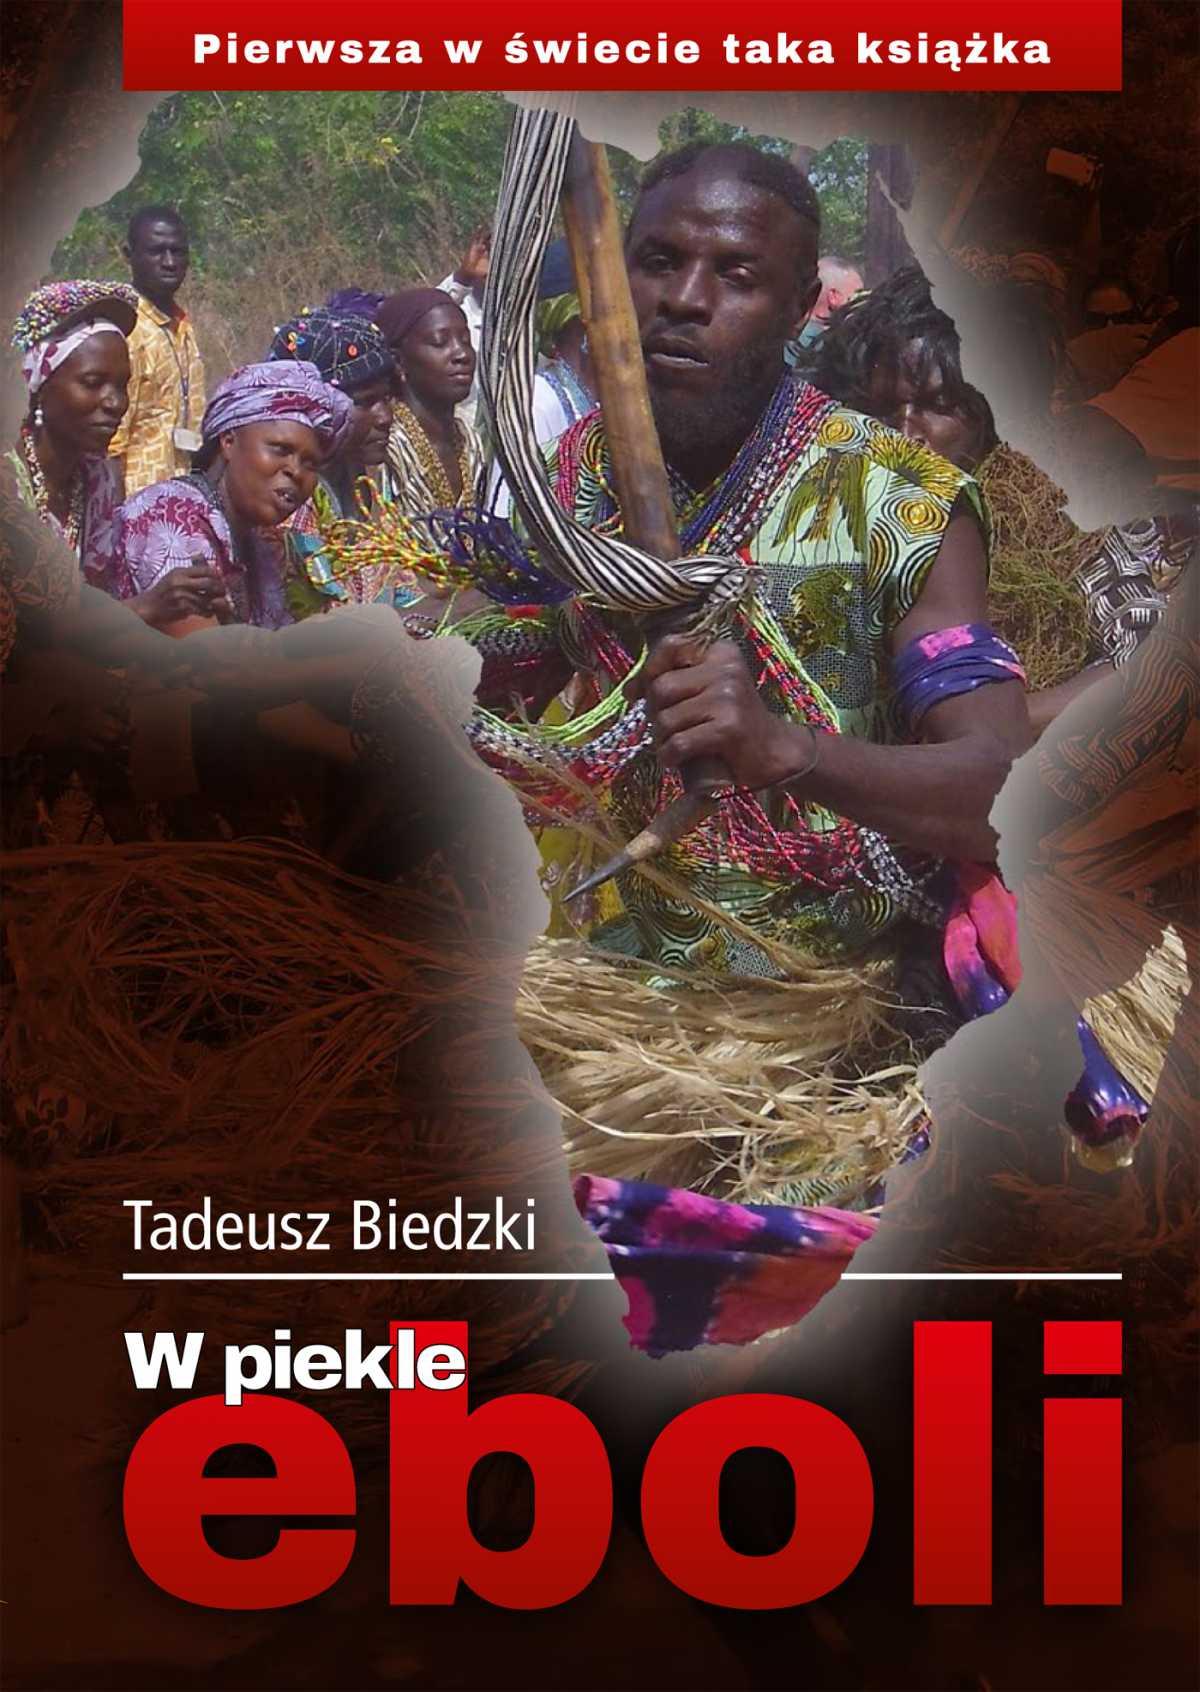 W piekle eboli - Ebook (Książka EPUB) do pobrania w formacie EPUB